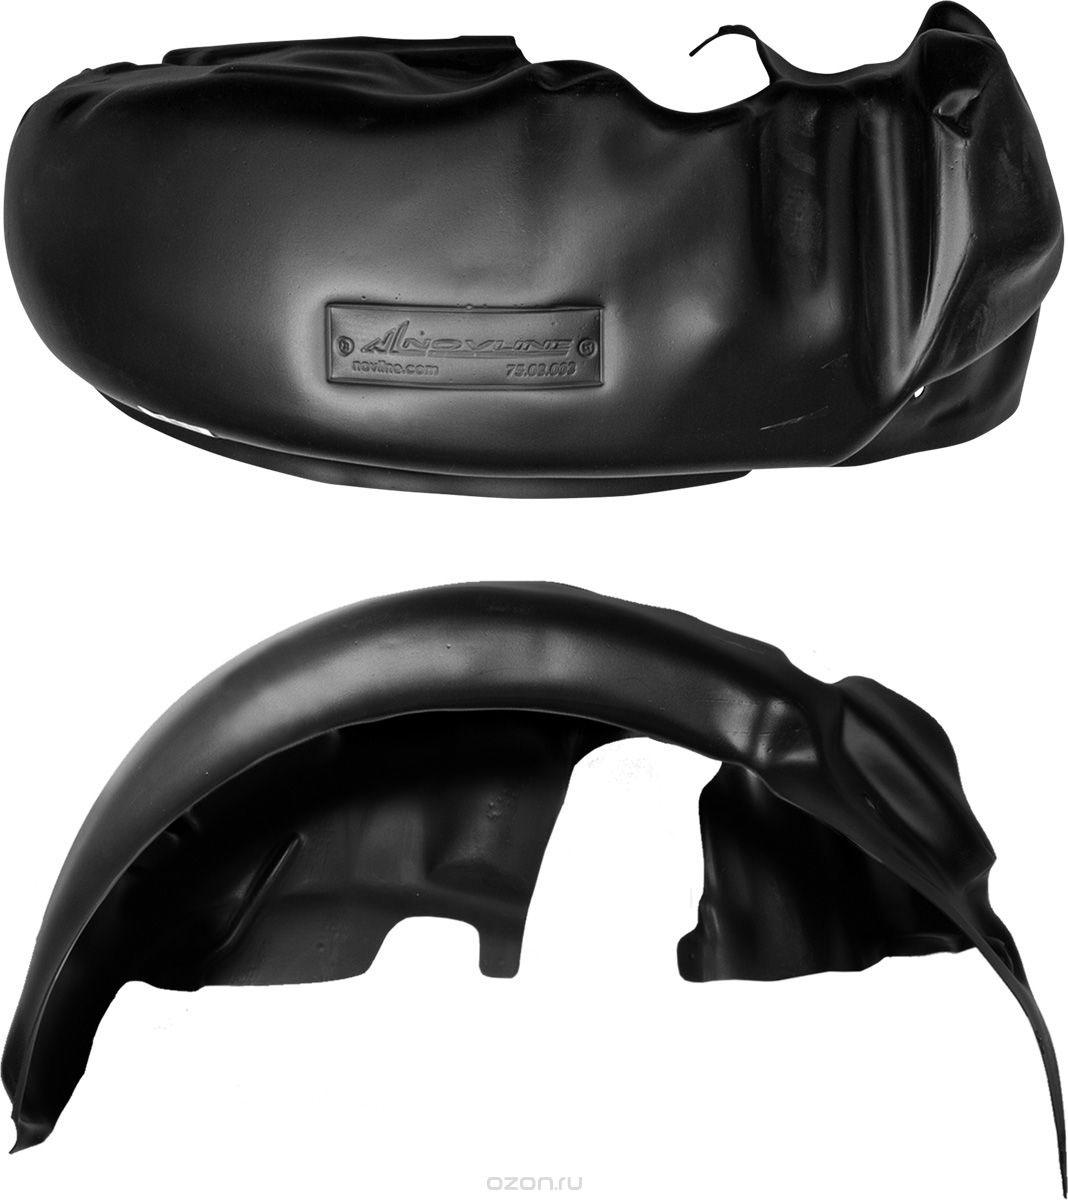 Подкрылок Novline-Autofamily, для MITSUBISHI L200, 2015->, задний левыйNLL.35.34.003Идеальная защита колесной ниши. Локеры разработаны с применением цифровых технологий, гарантируют максимальную повторяемость поверхности арки. Изделия устанавливаются без нарушения лакокрасочного покрытия автомобиля, каждый подкрылок комплектуется крепежом. Уважаемые клиенты, обращаем ваше внимание, что фотографии на подкрылки универсальные и не отражают реальную форму изделия. При этом само изделие идет точно под размер указанного автомобиля.